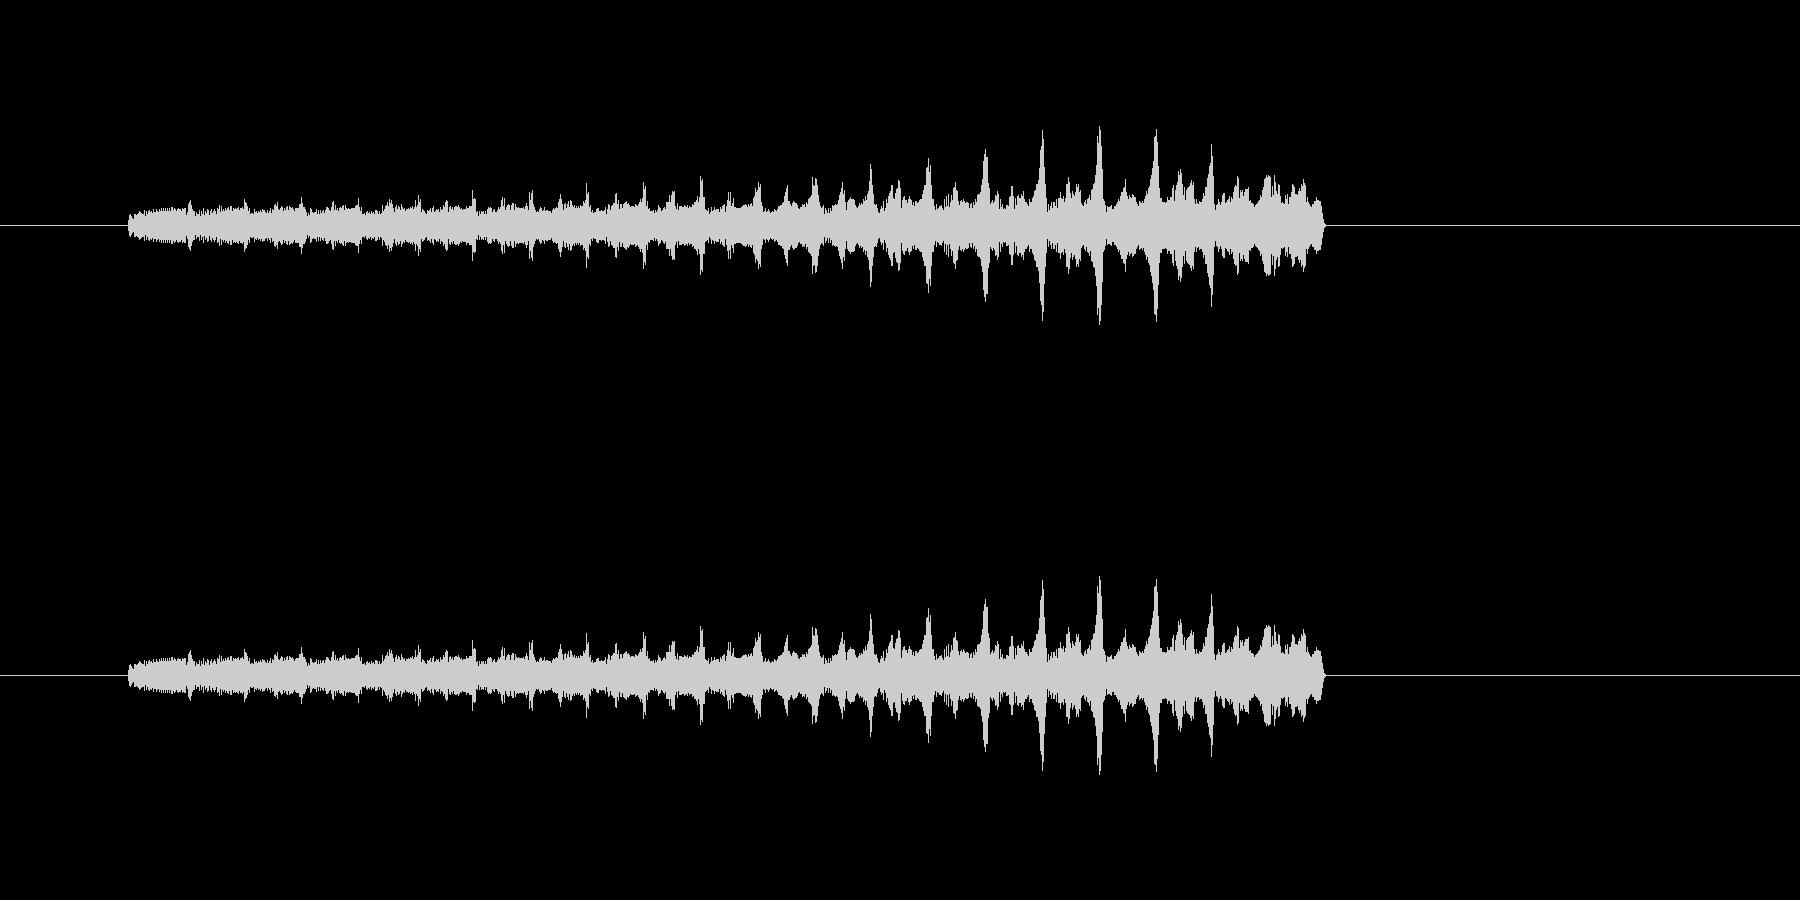 ポップチャージの未再生の波形